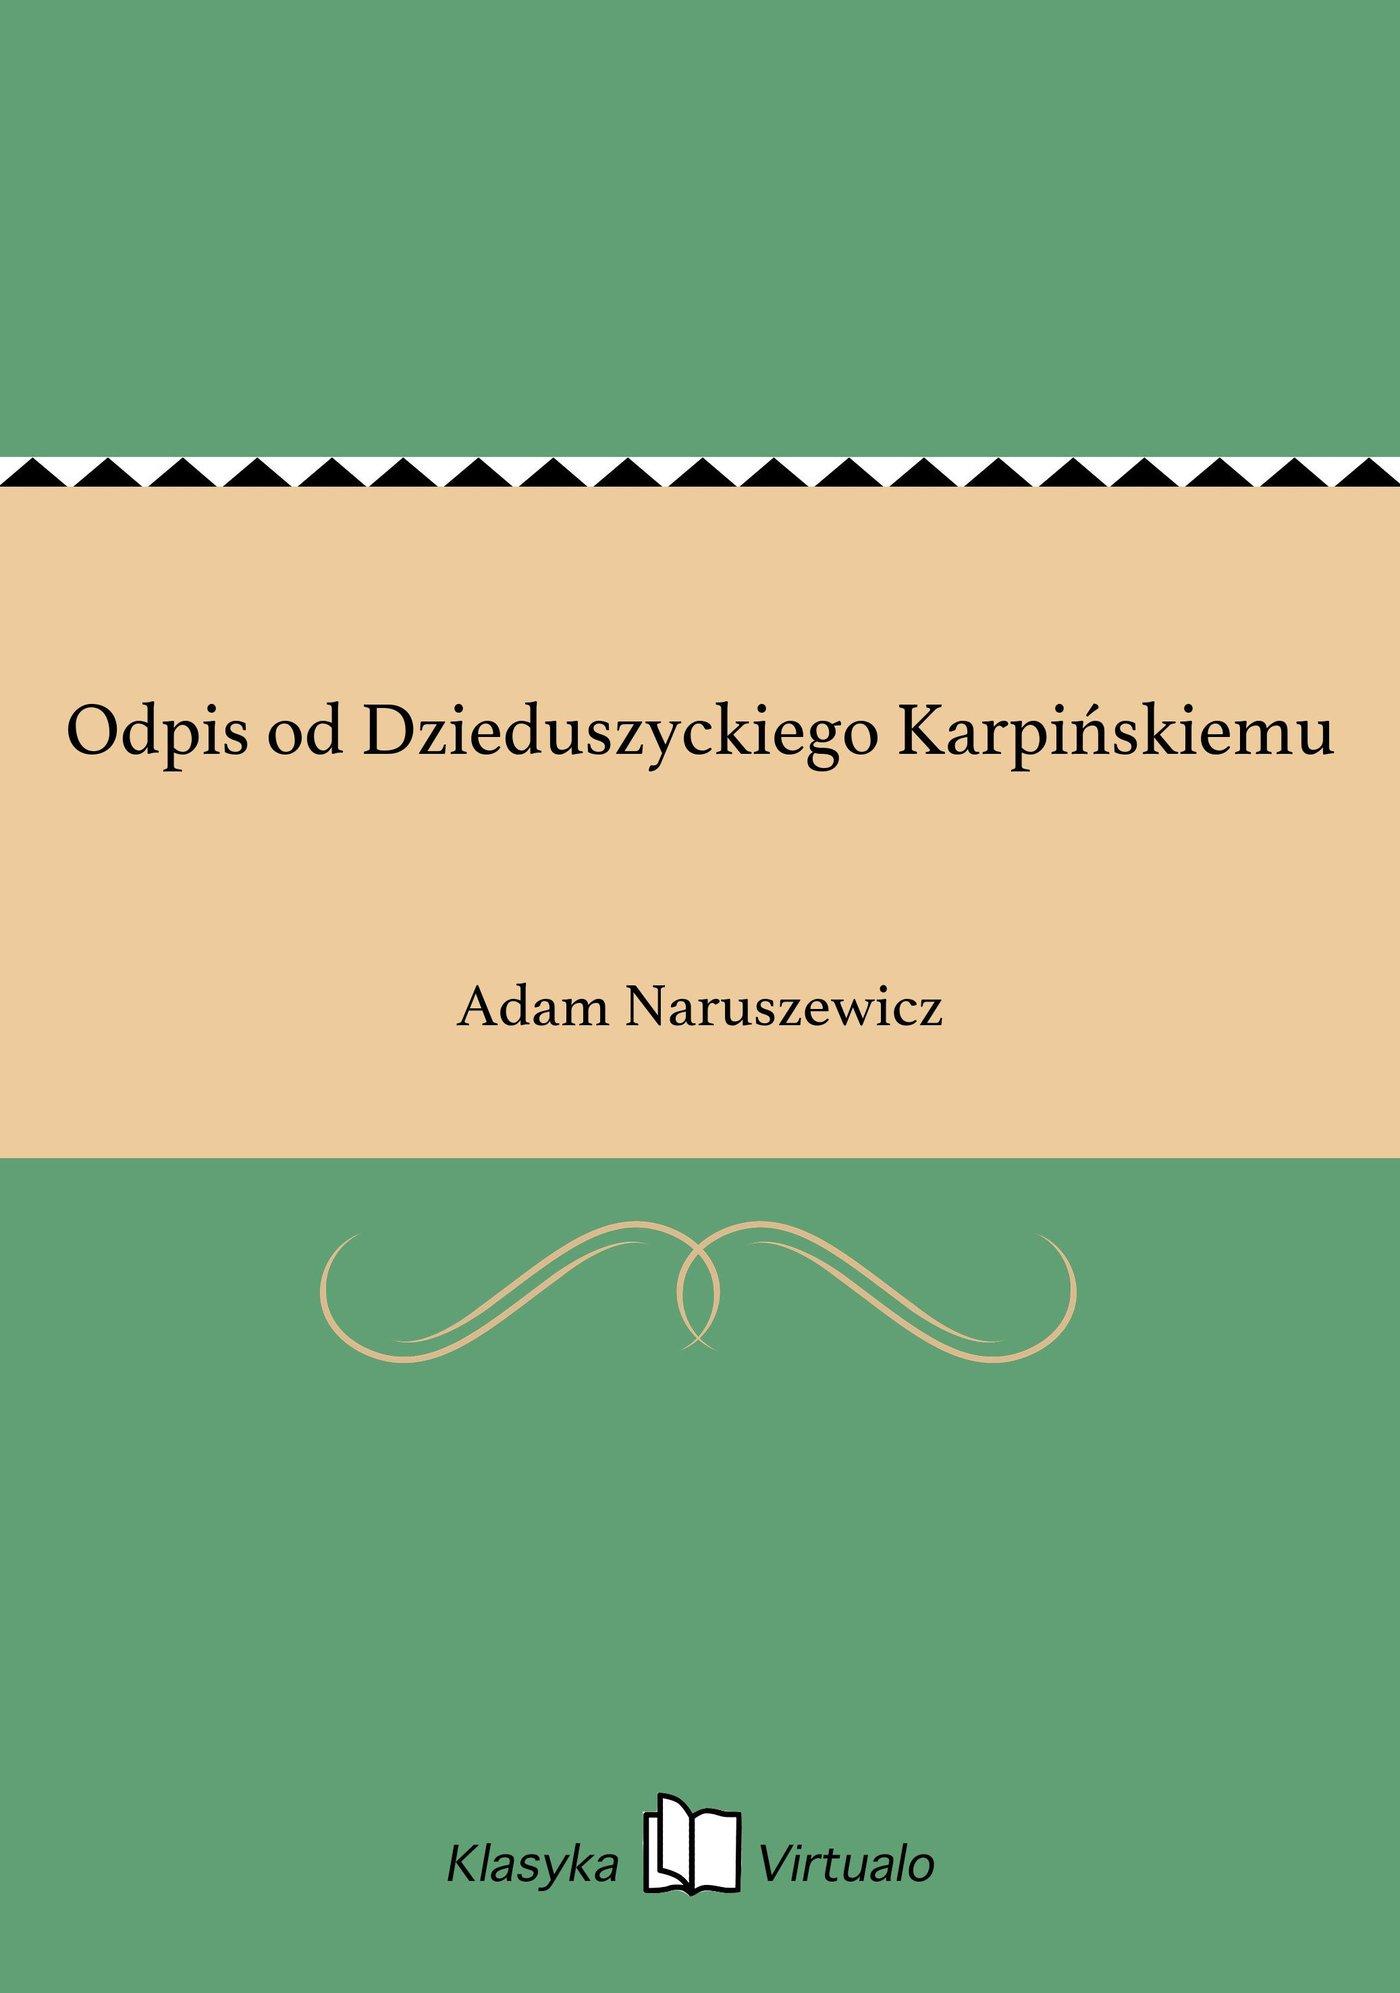 Odpis od Dzieduszyckiego Karpińskiemu - Ebook (Książka EPUB) do pobrania w formacie EPUB